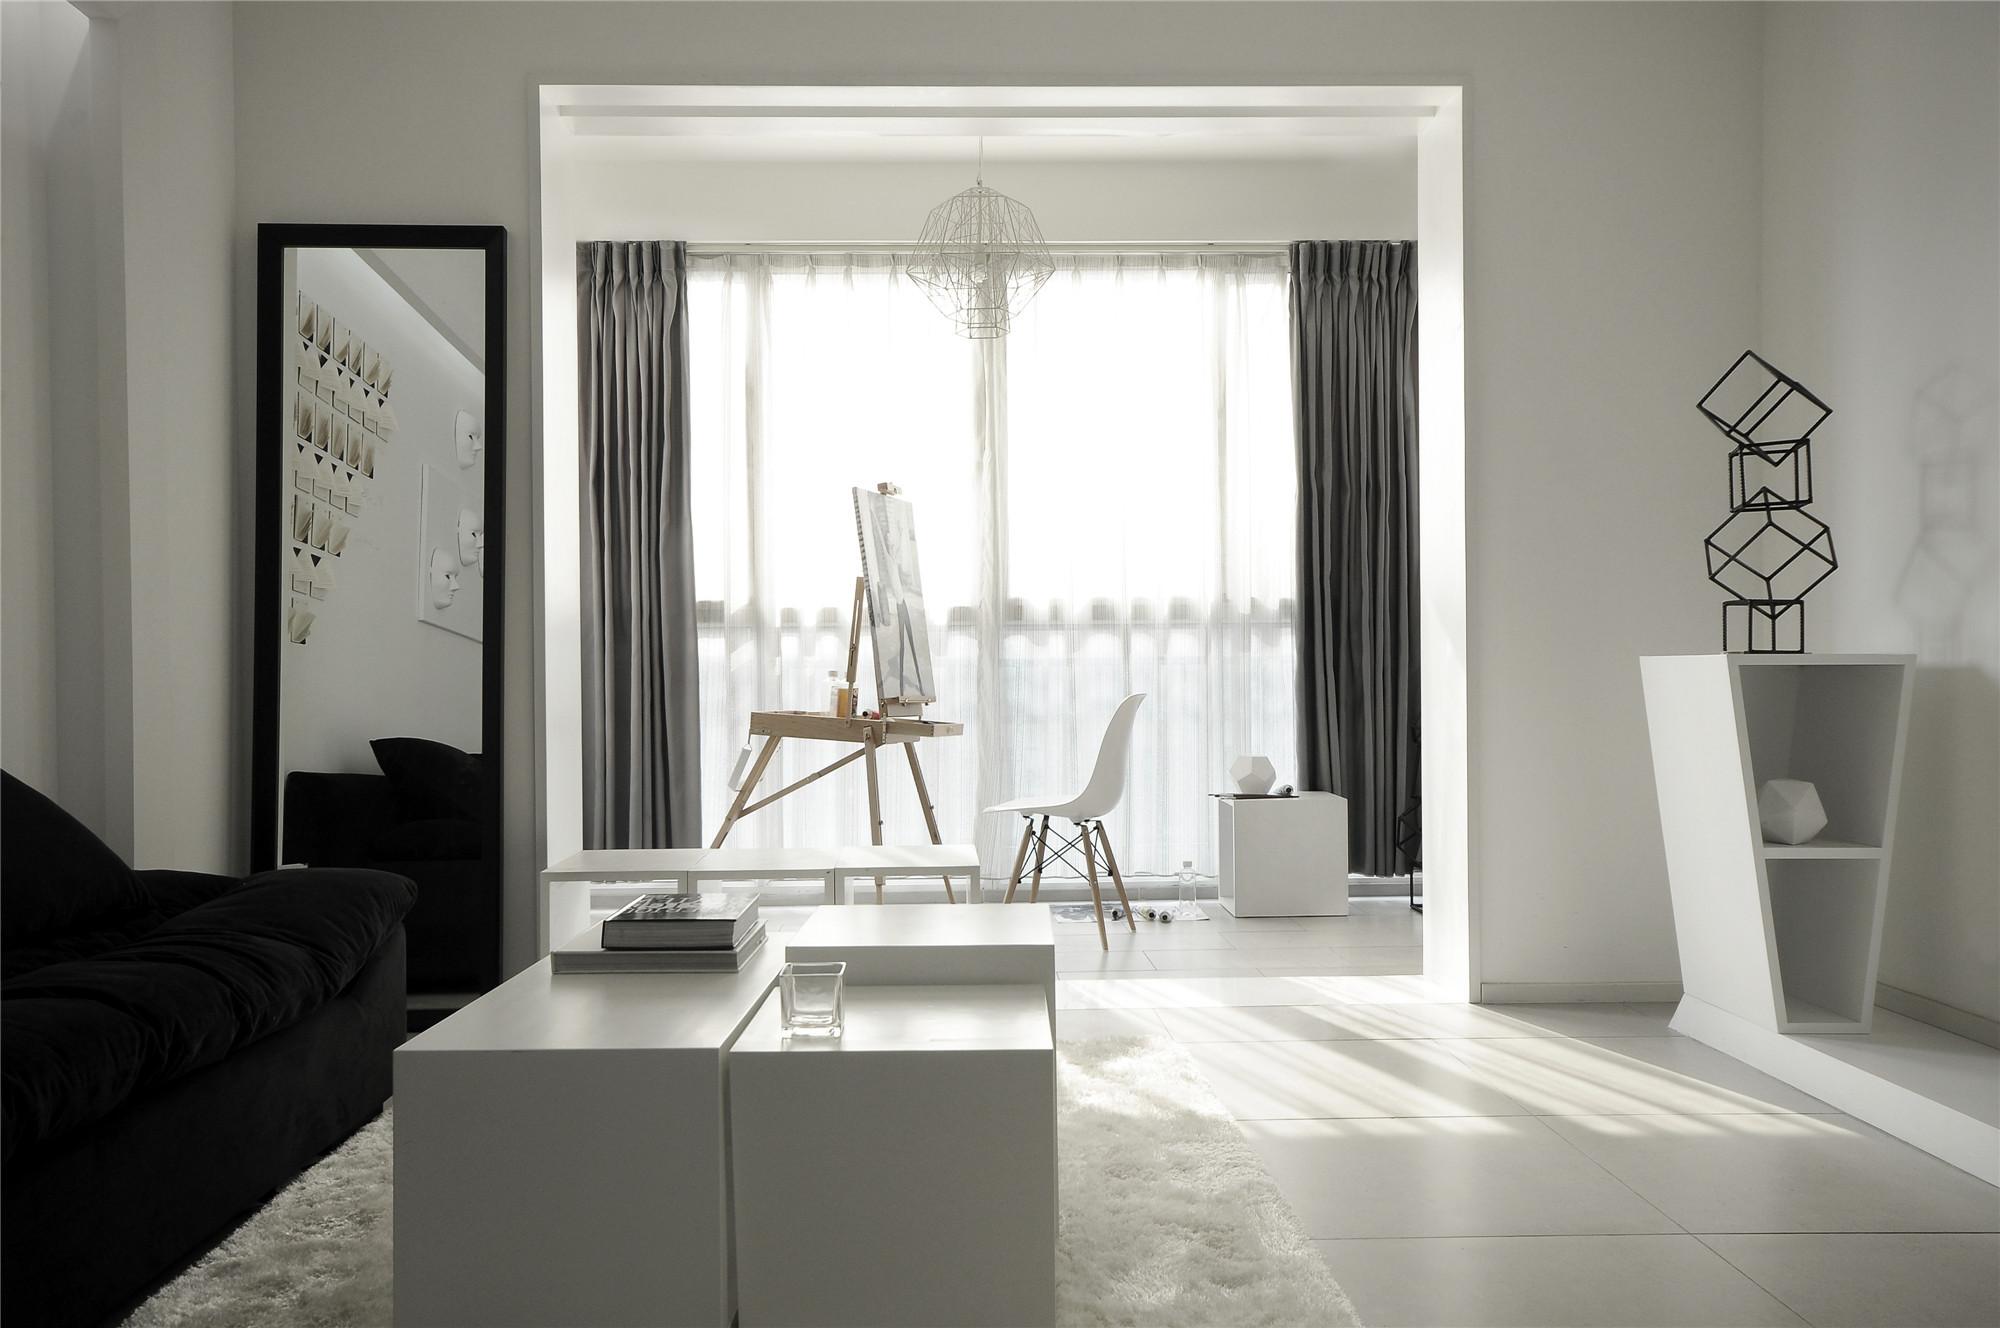 黑白极简风格客厅装修效果图